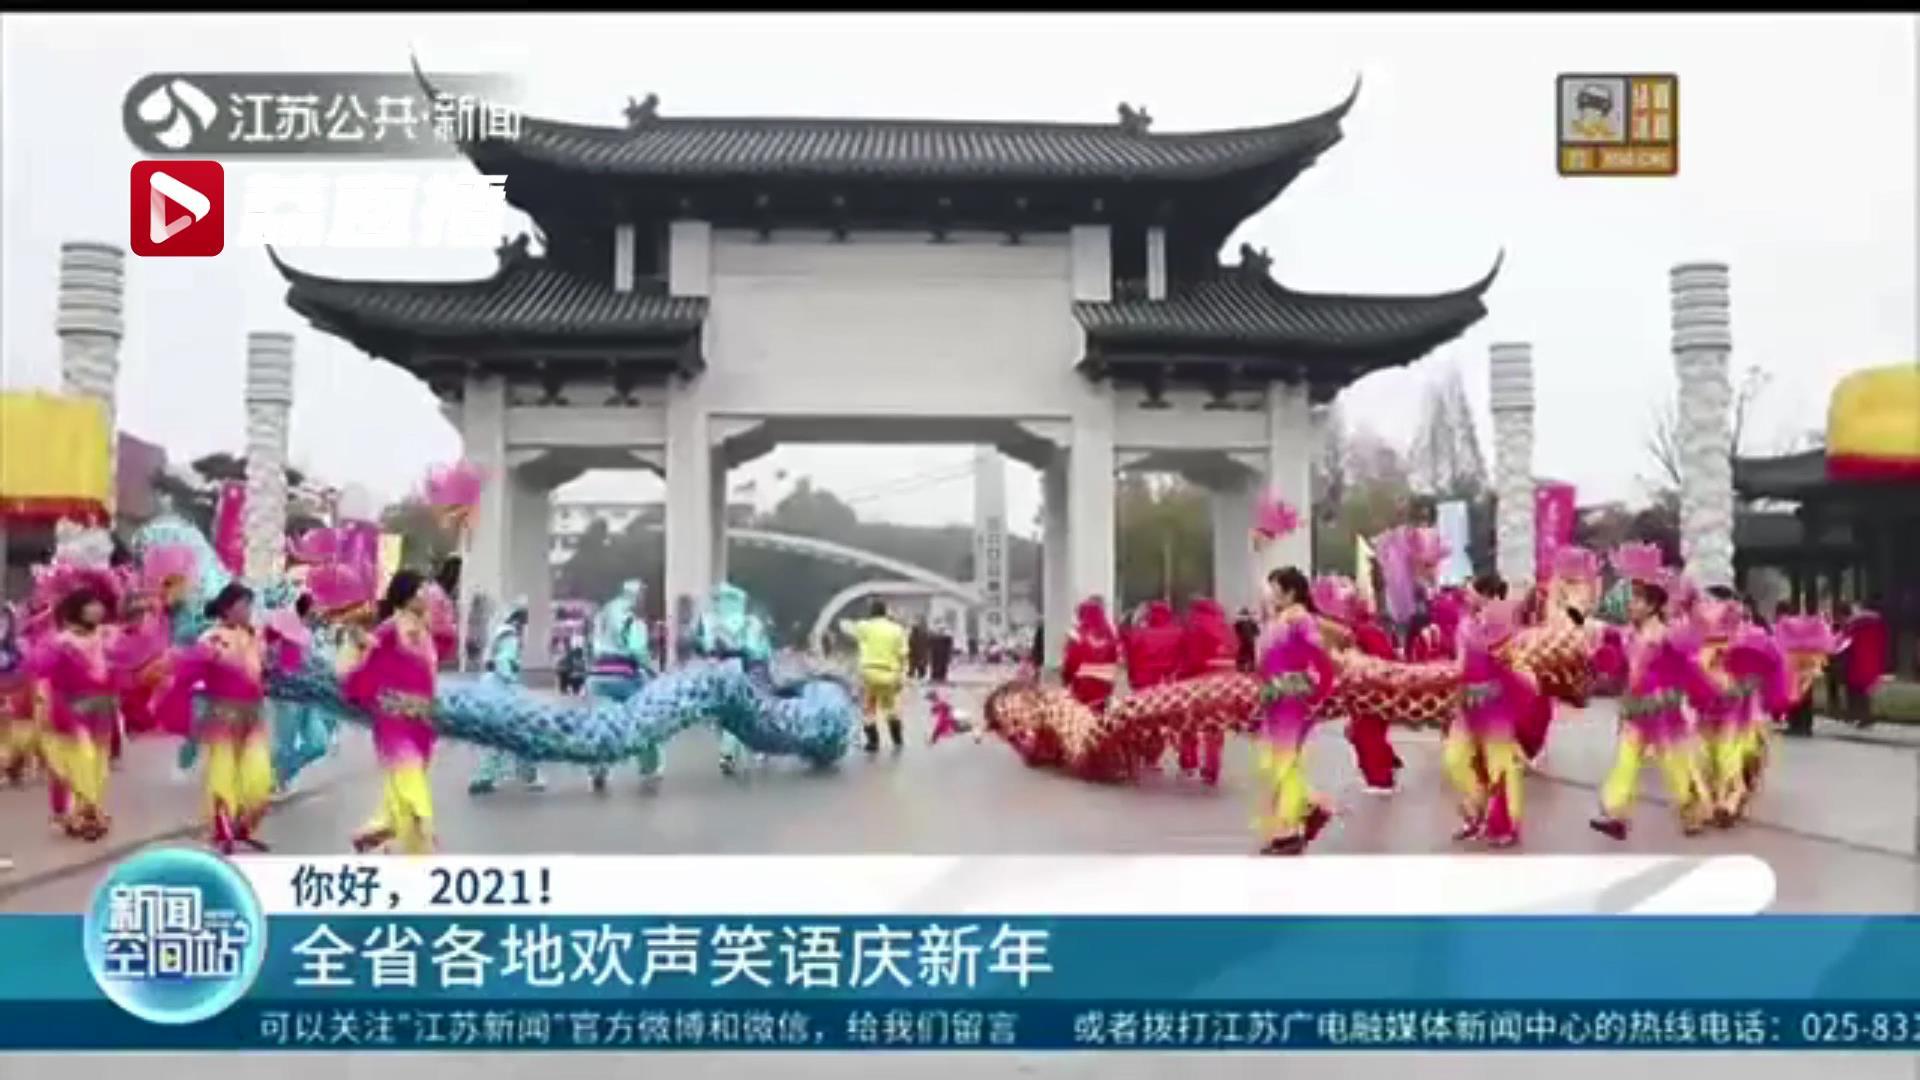 你好,2021!江苏各地欢声笑语迎接新一年